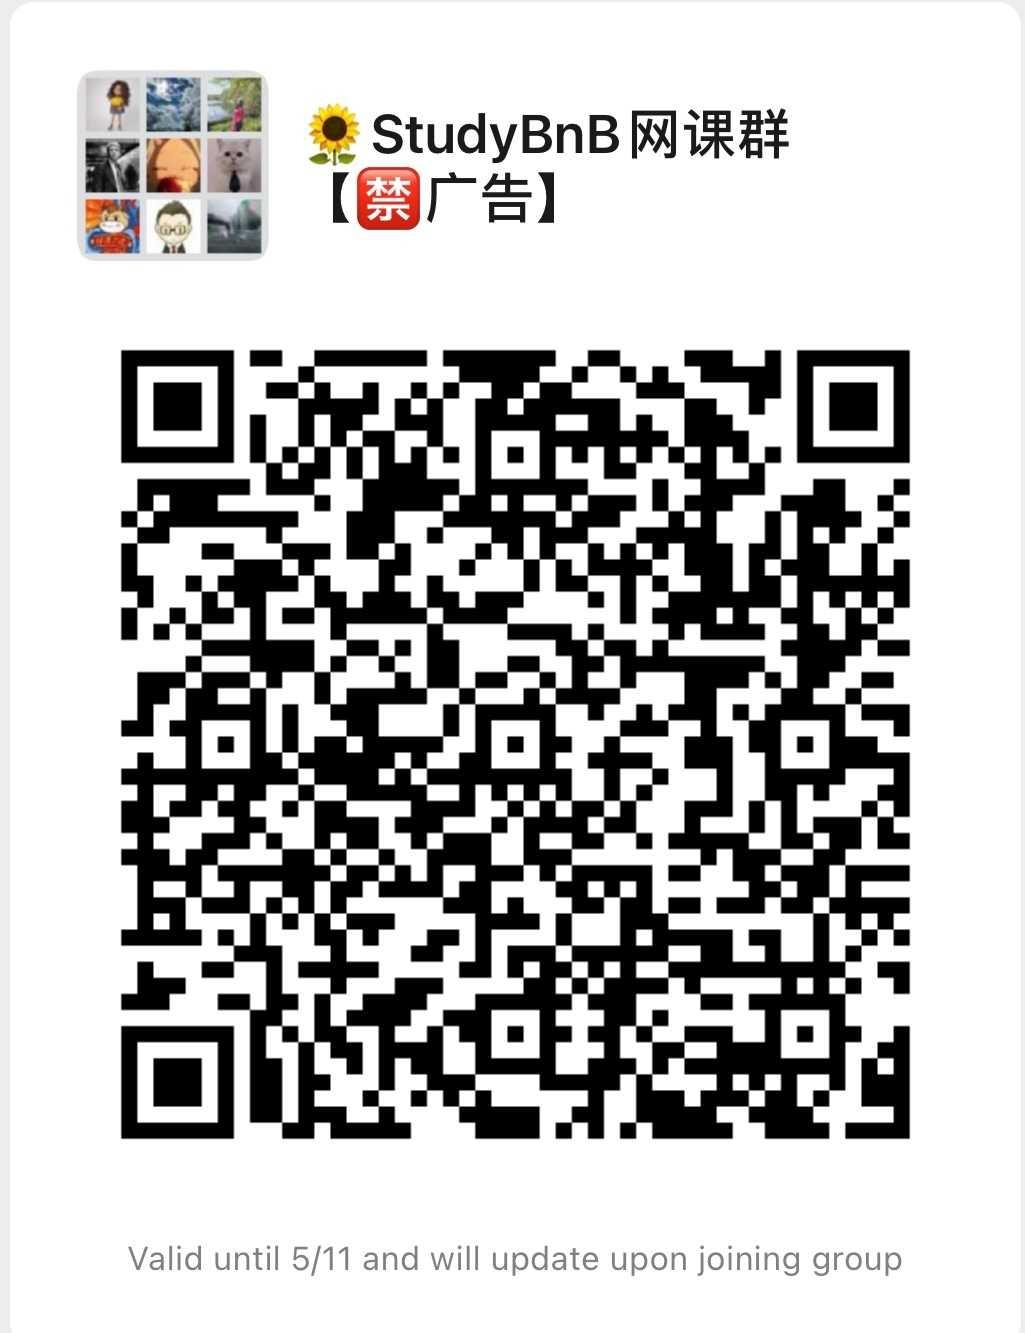 e97211c861a964eb4634e6fb1e5275c.jpg